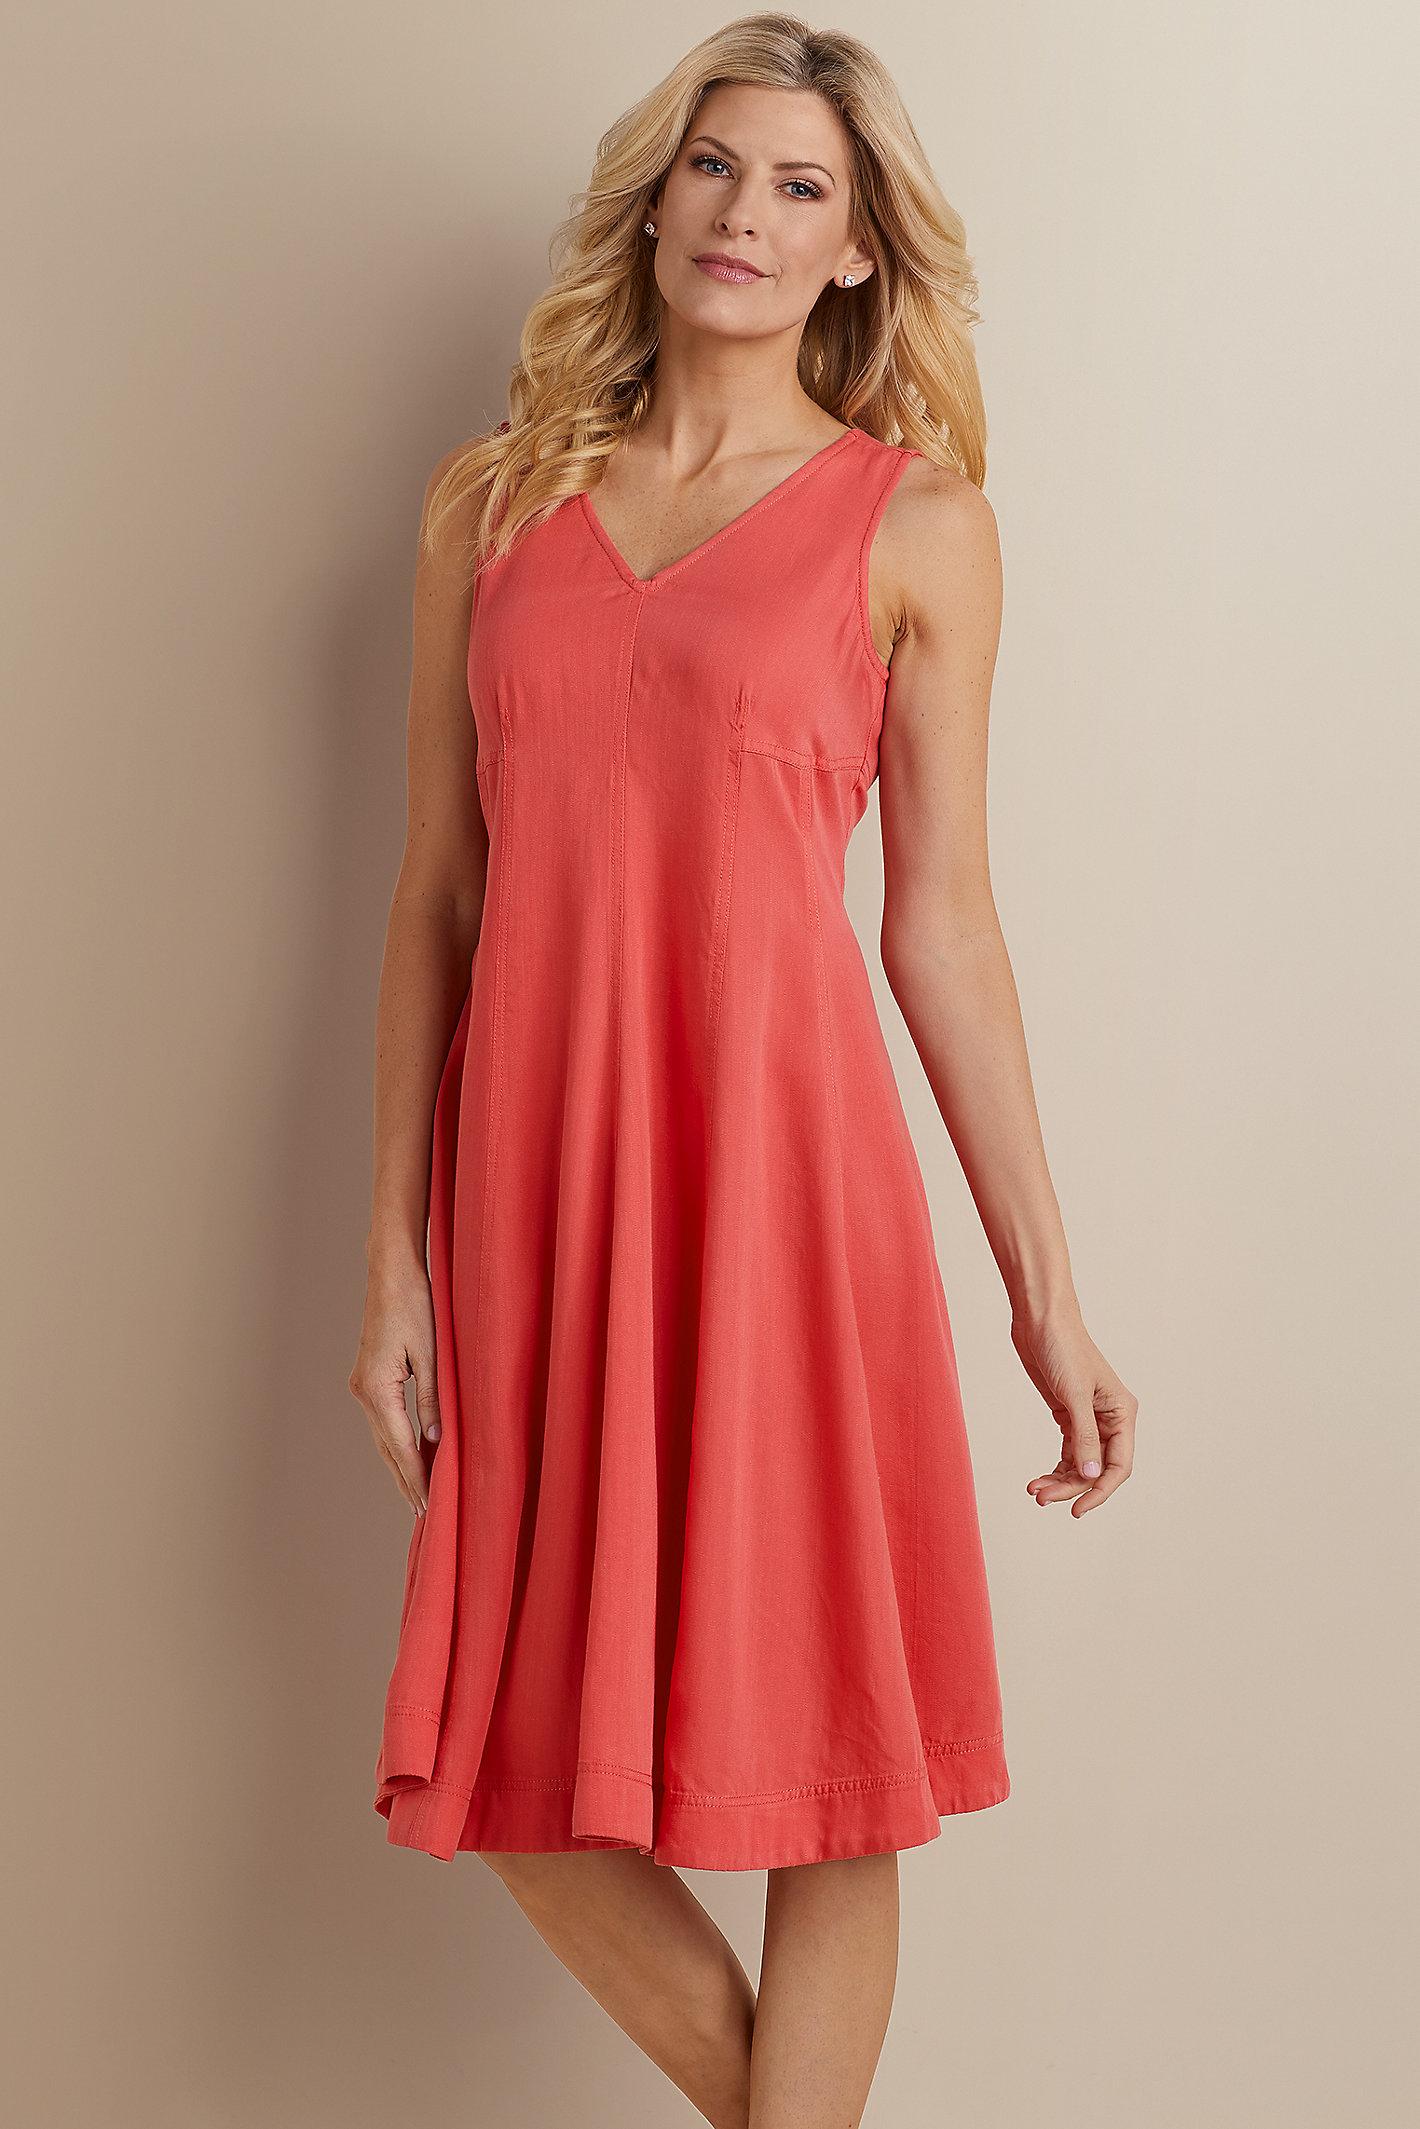 Take A Twirl Tencel Dress